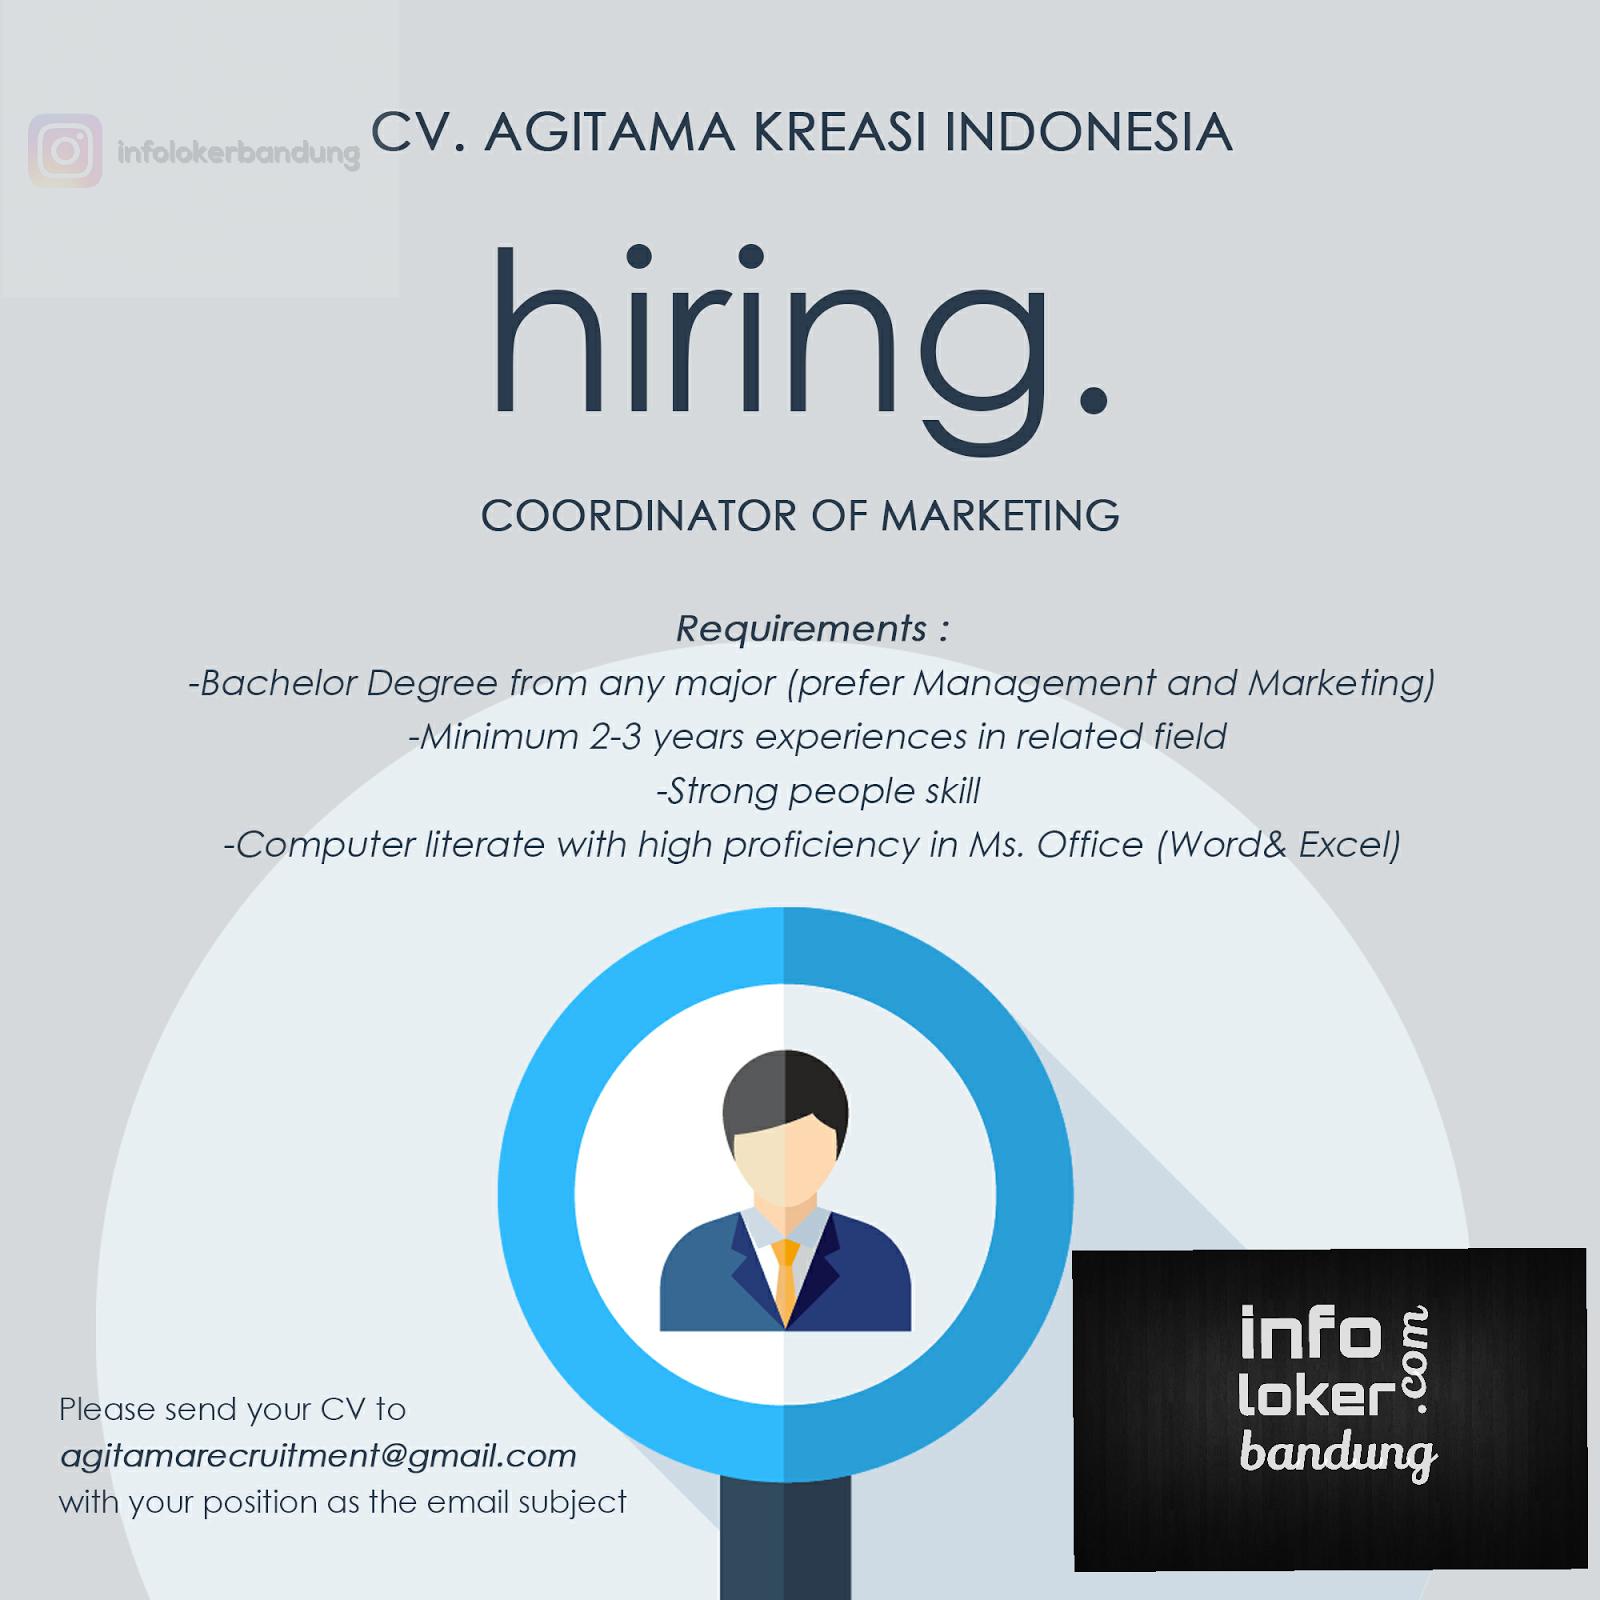 Lowongan Kerja CV. Agitama Kreasi Indonesia Maret 2017